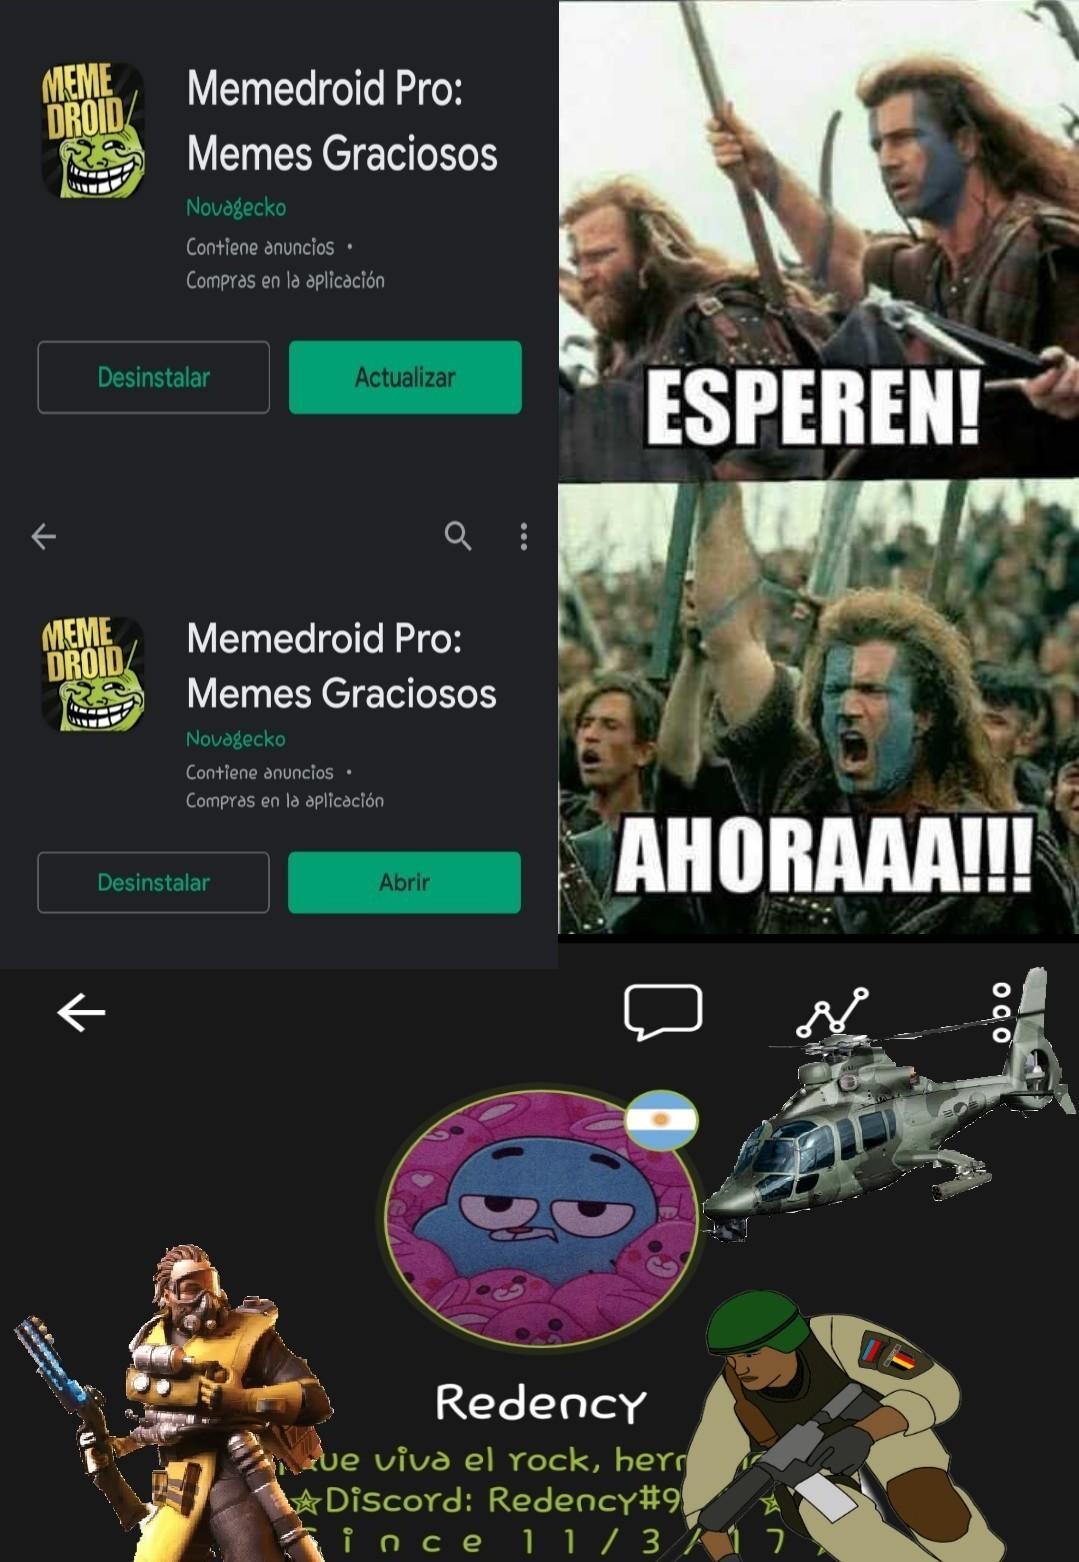 Jsjfjajdha lo van a cagar a piñas - meme